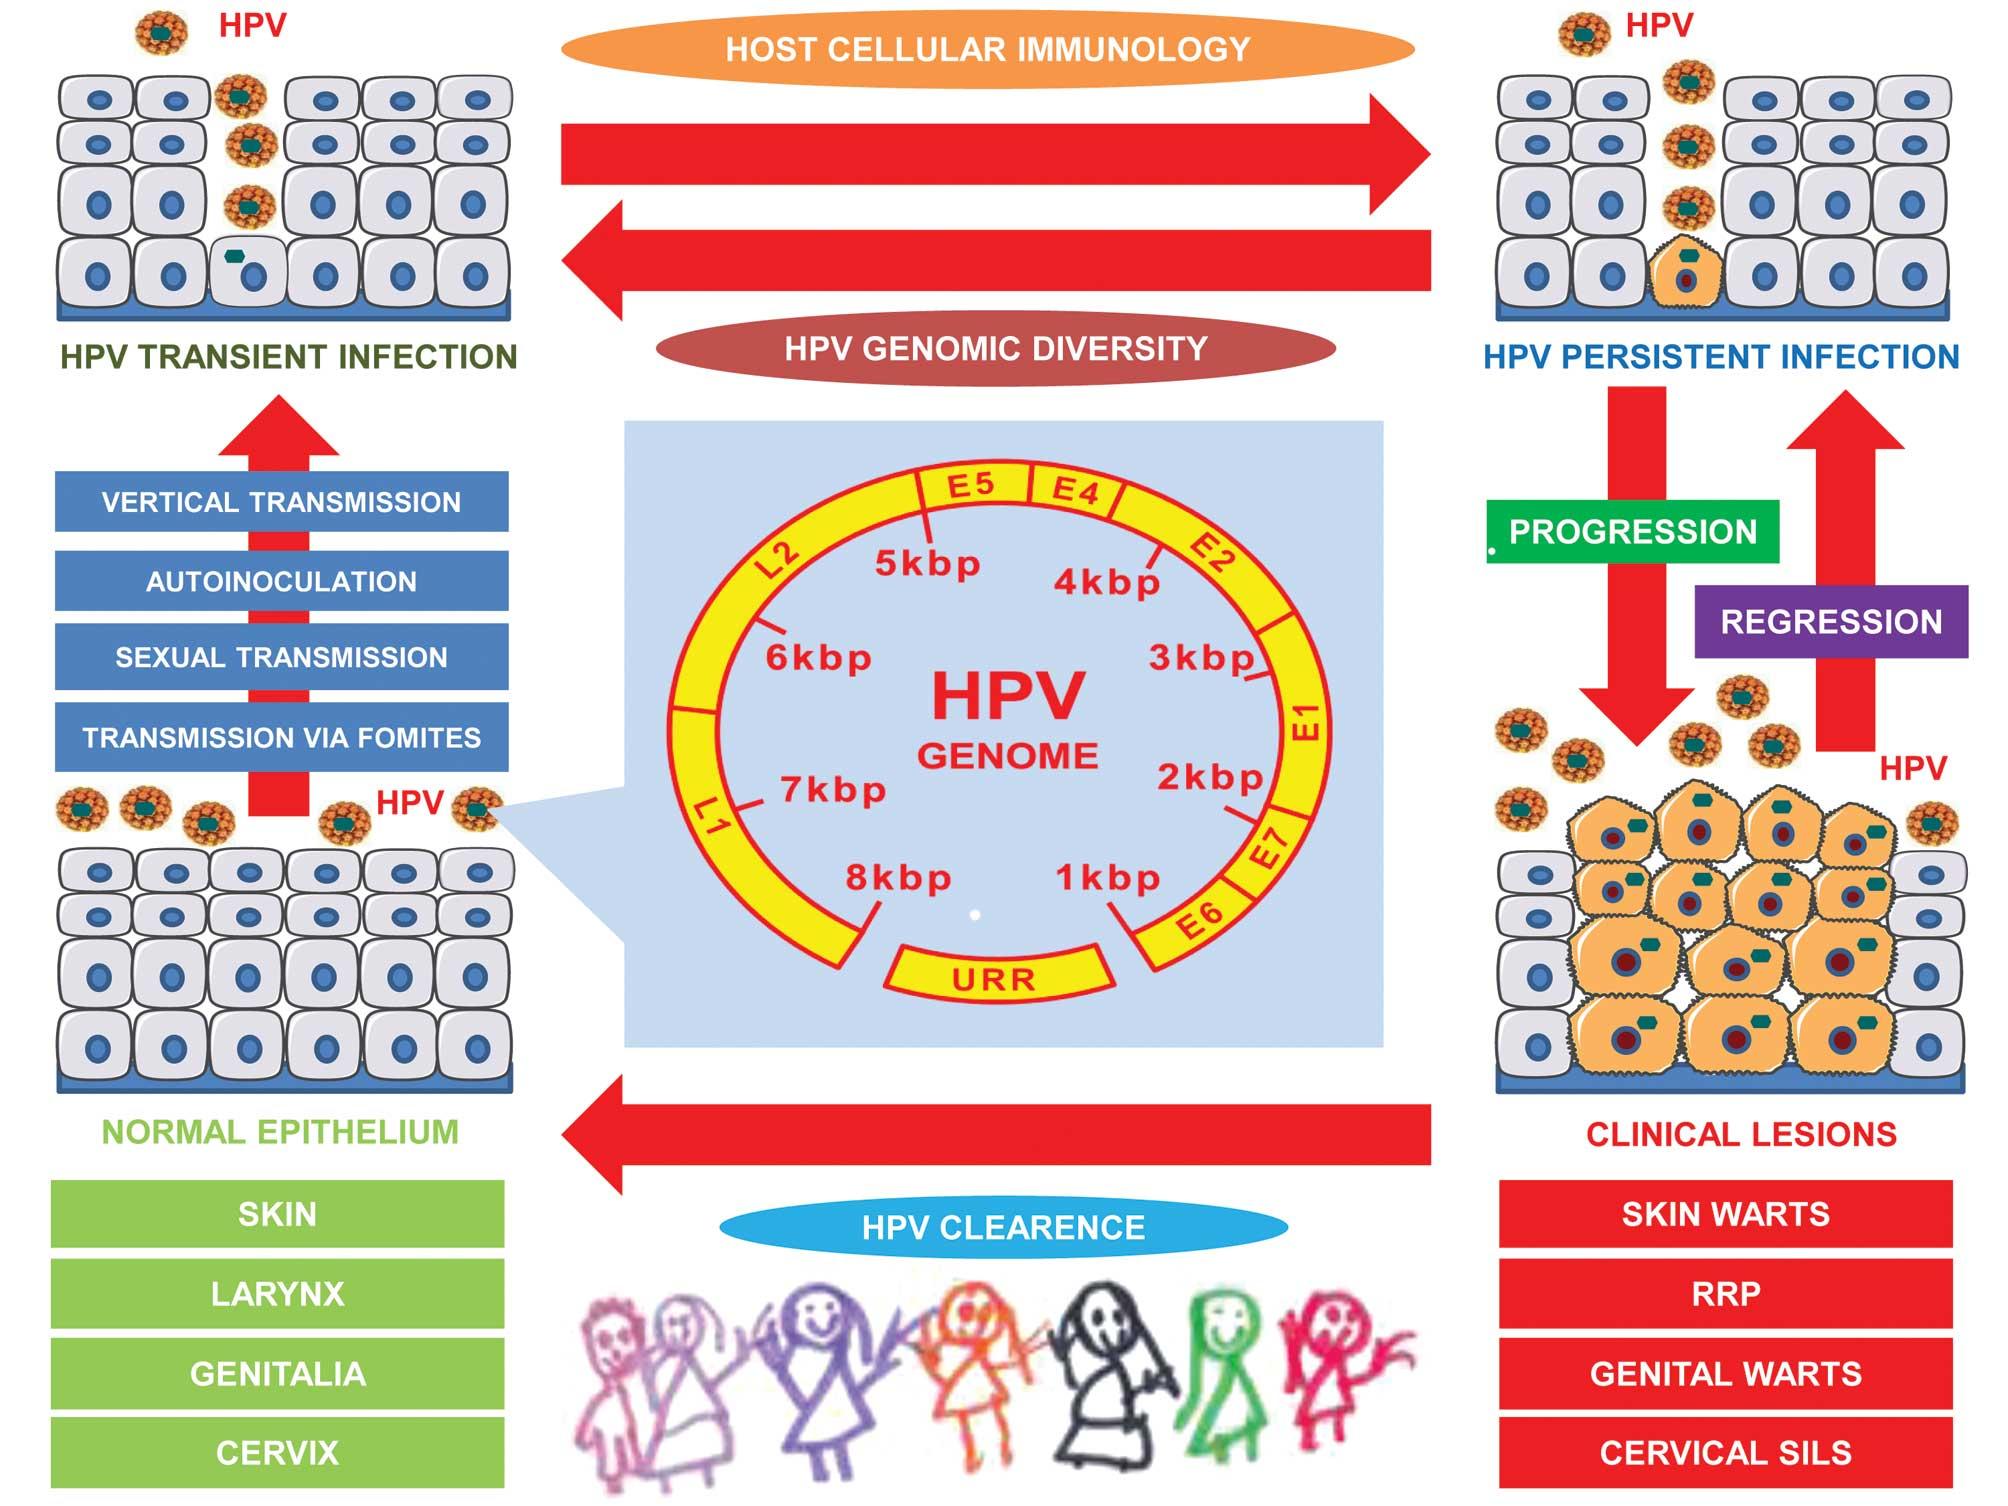 hpv impfung sinnvoll bei erwachsenen